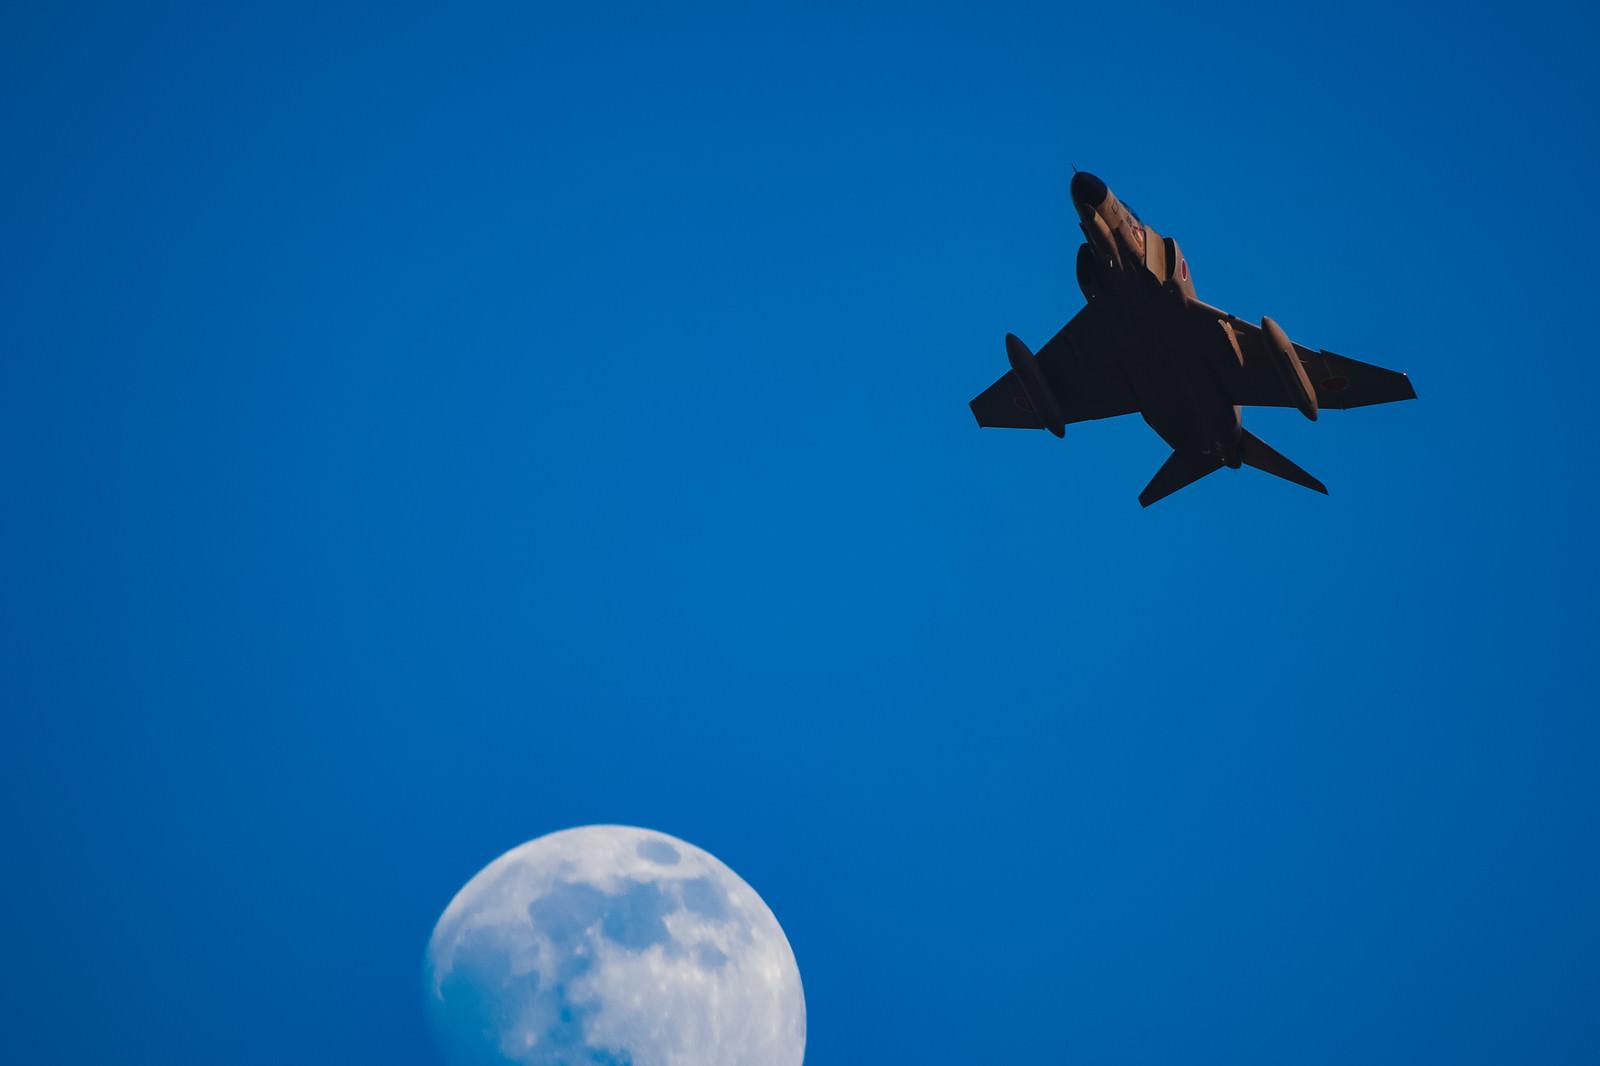 「夕日を浴びるF-4と輝きを増す月」の写真